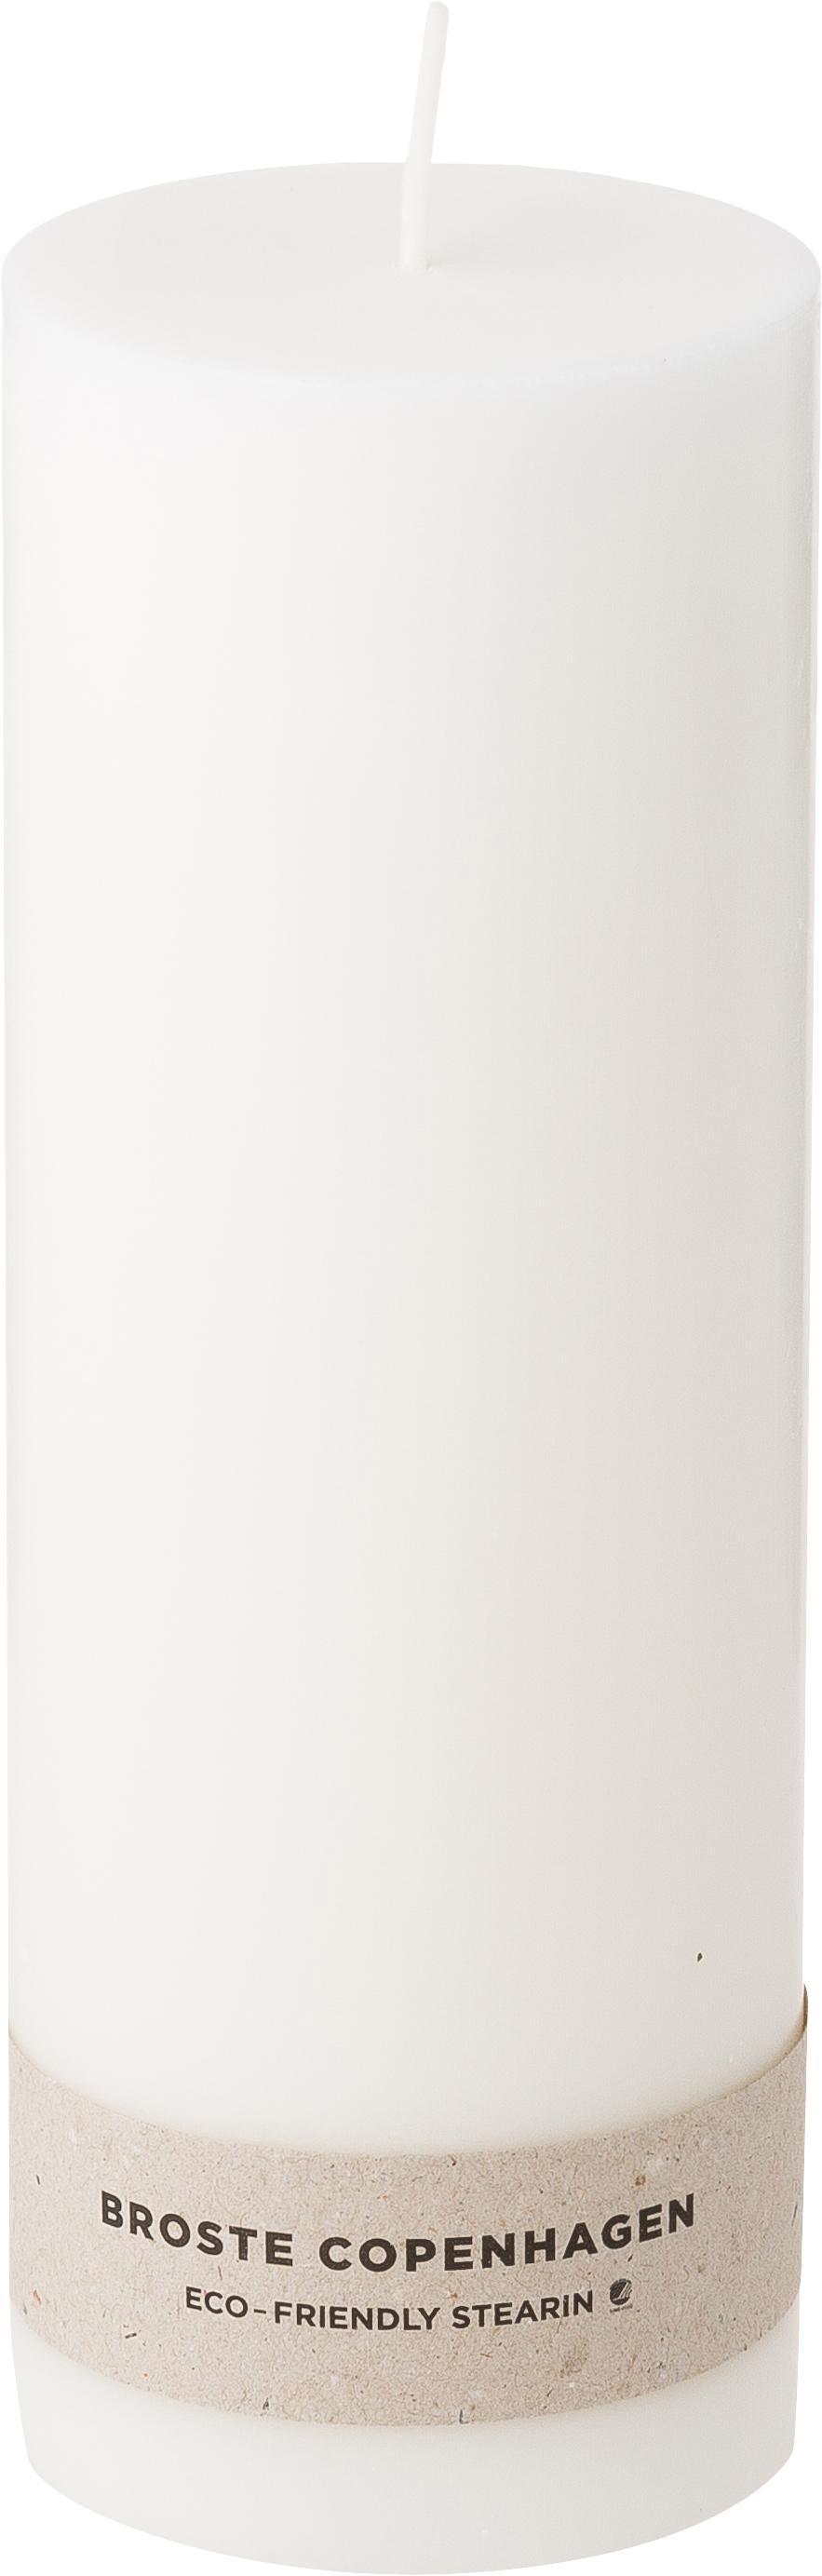 Świeca pieńkowa Light, 2 szt., 100% strearyna, Biały, Ø 7 x 20 cm